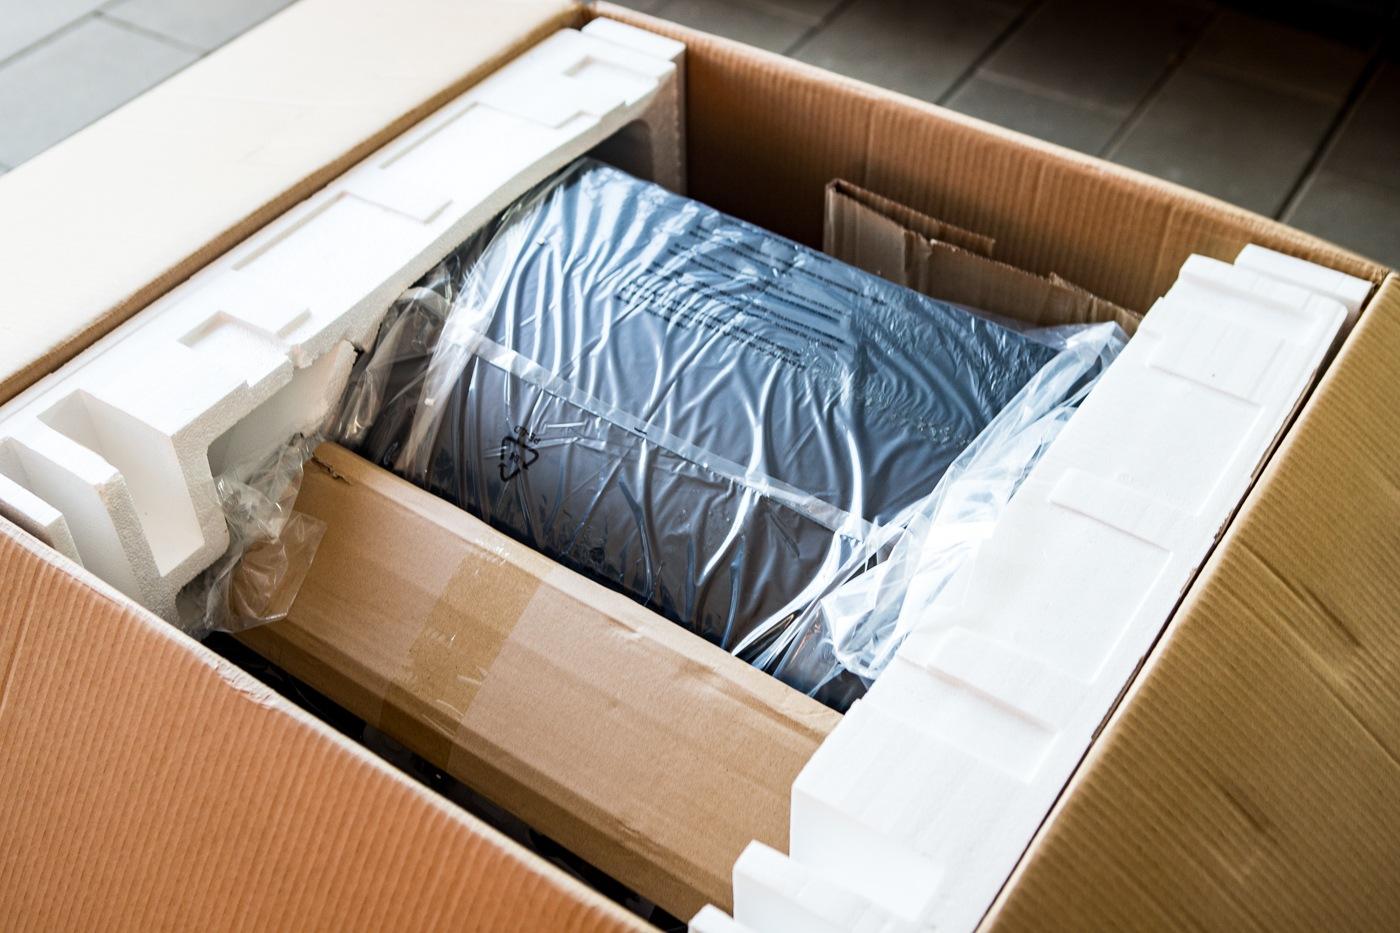 Stabil verpackt